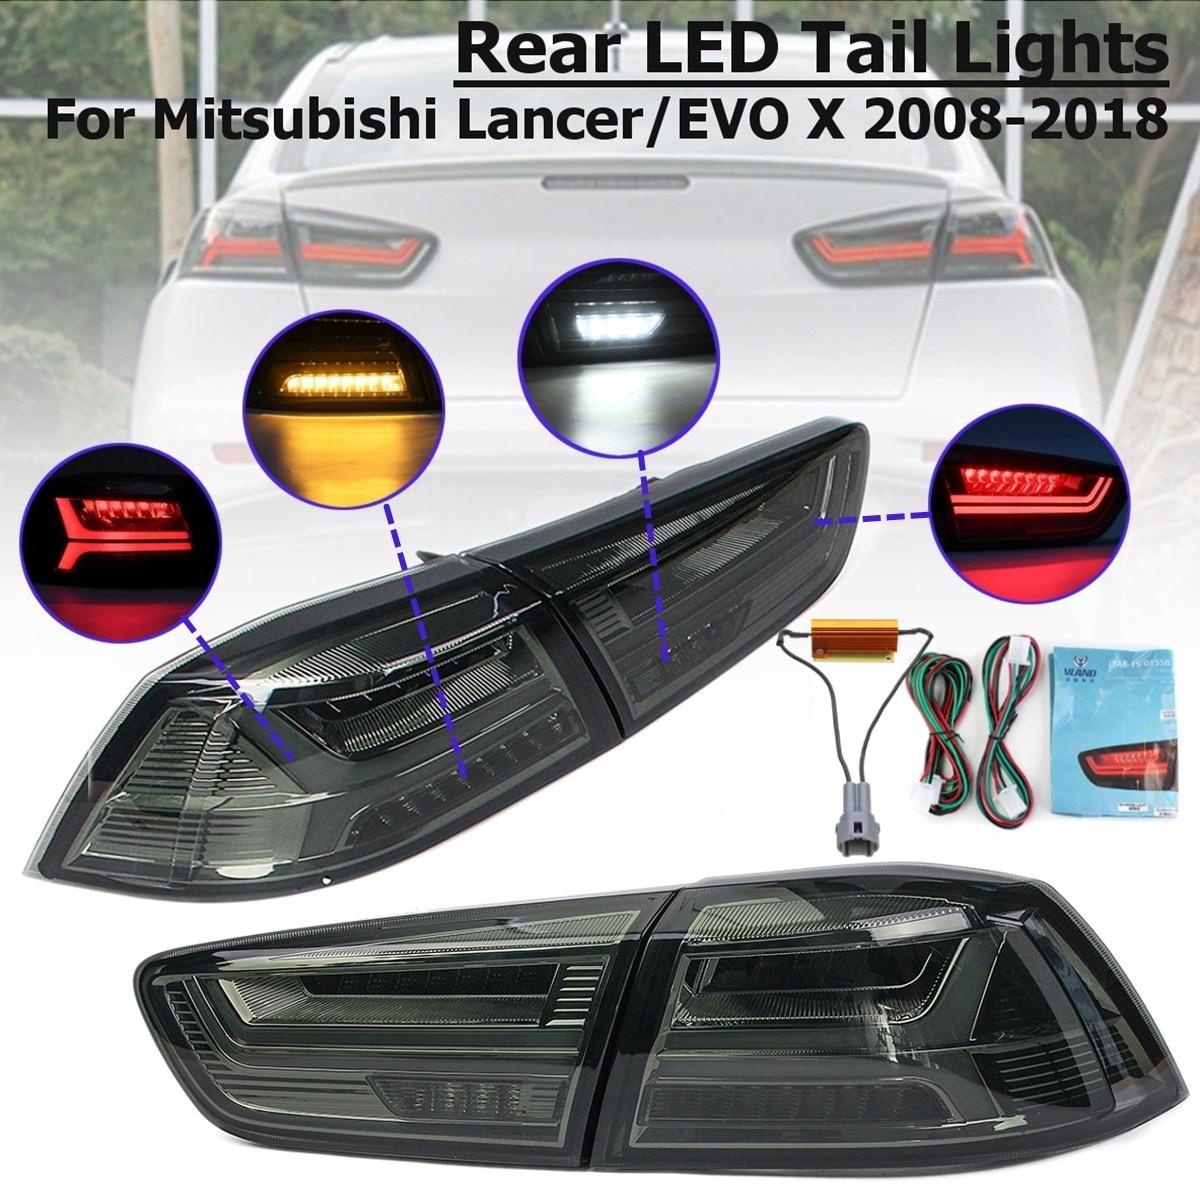 1 пара для Mitsubishi Lancer EVO x 2008-2017 задний светодиодный задний фонарь тормозной фонарь лампа задний фонарь светодиодные фары дневного света Стоп ...